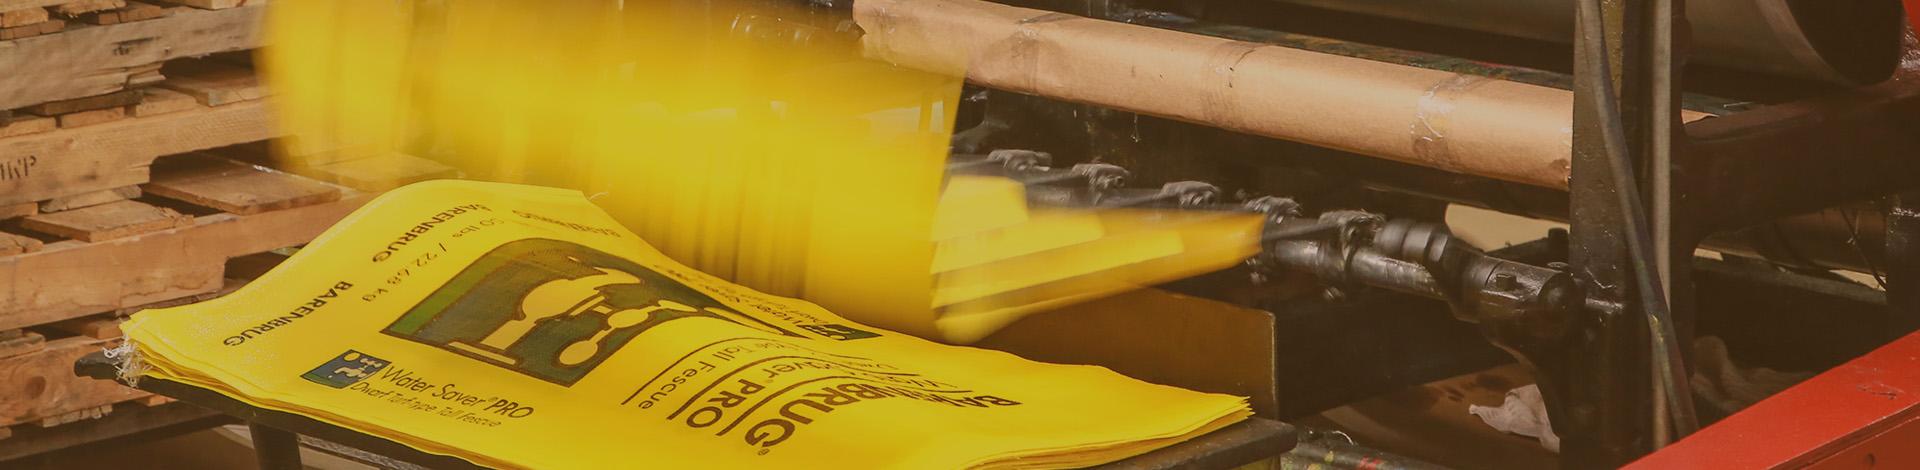 Printing & Bags